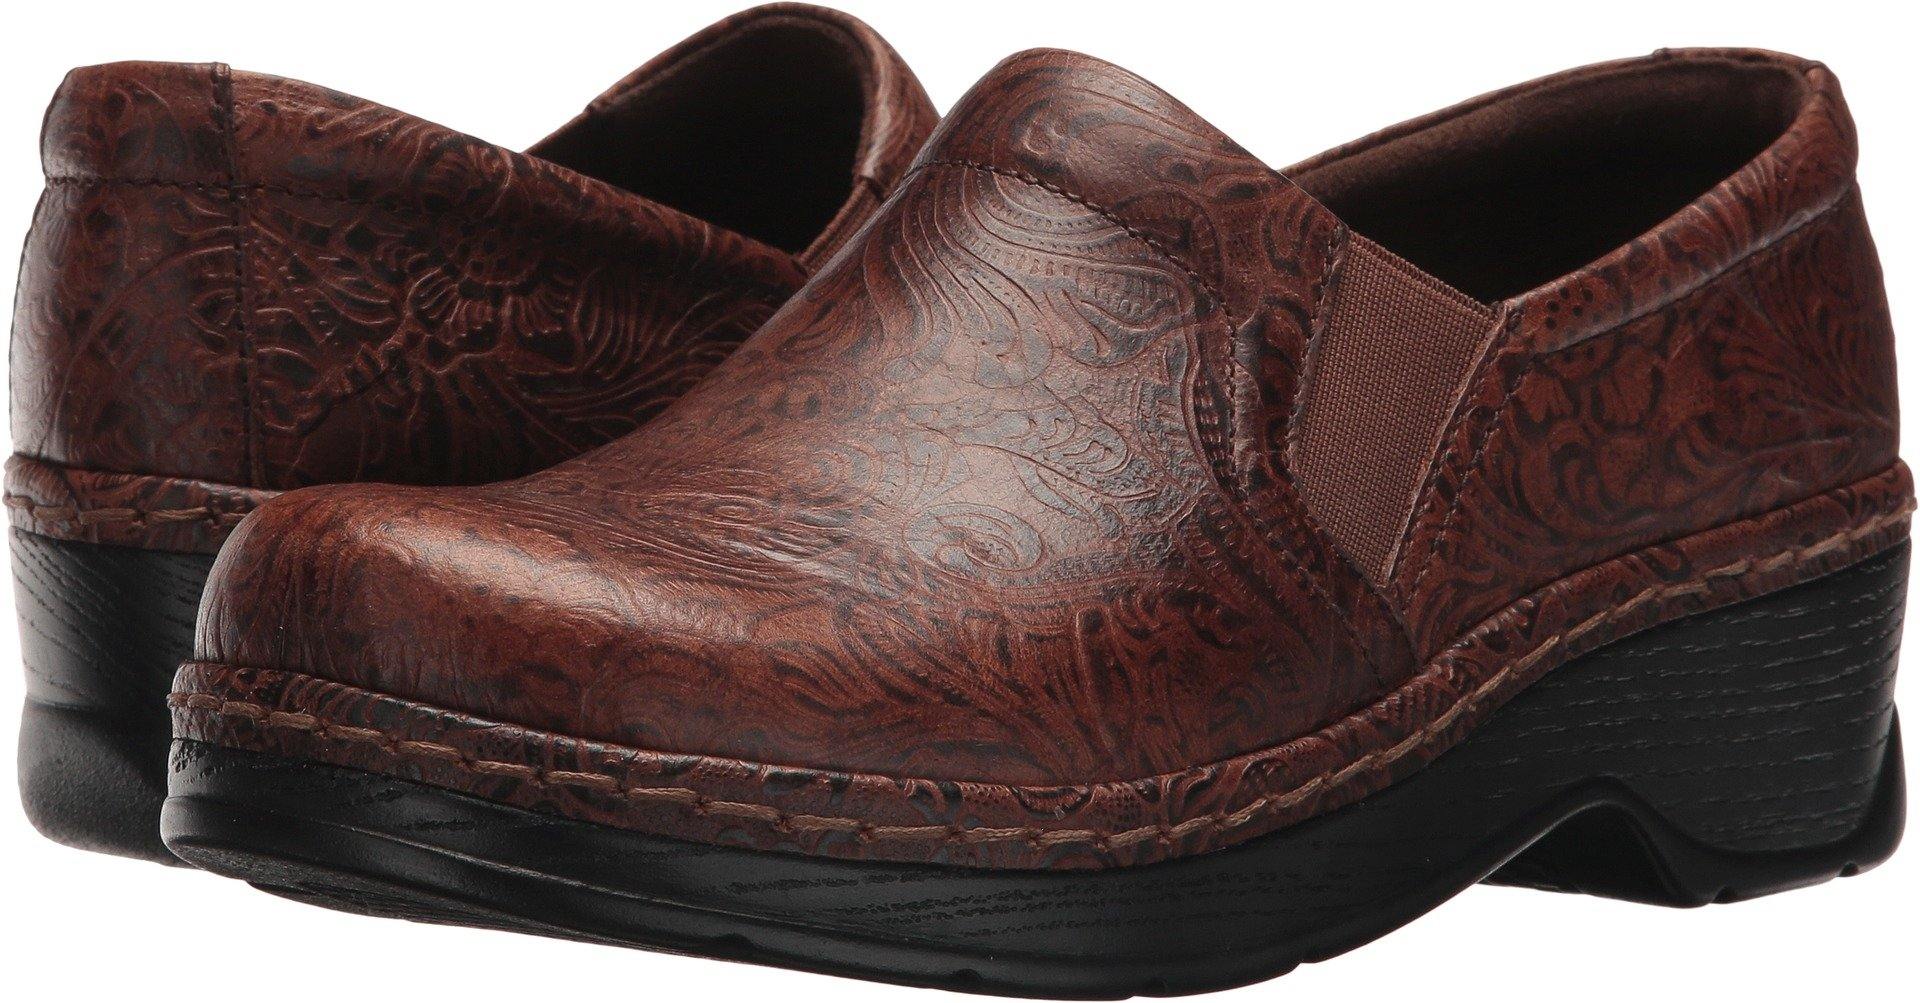 Klogs Footwear Women's Naples Brown JW Floral 10 M US